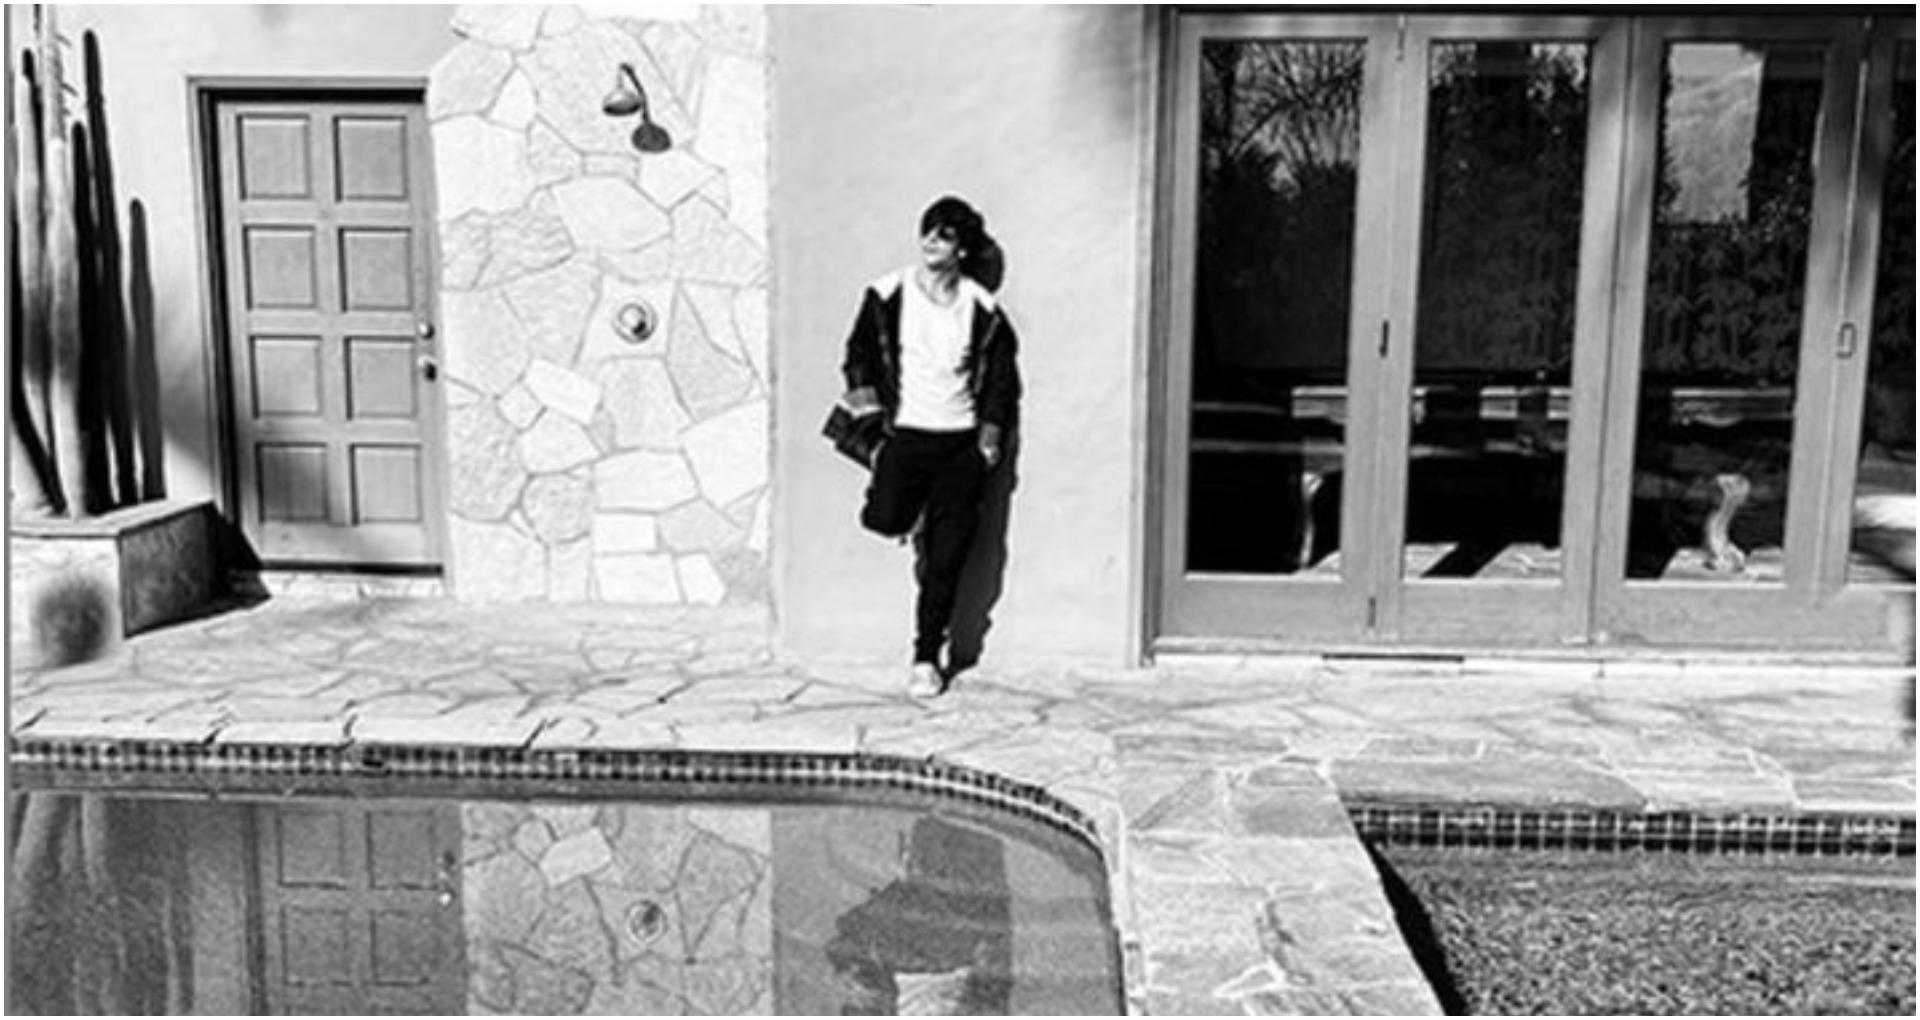 Viral Pics: शाहरुख़ खान ने मनाई परिवार संग छुट्टियाँ, वर्ल्ड के इस देश में बिताया क्वालिटी टाइम, देखें तस्वीरे